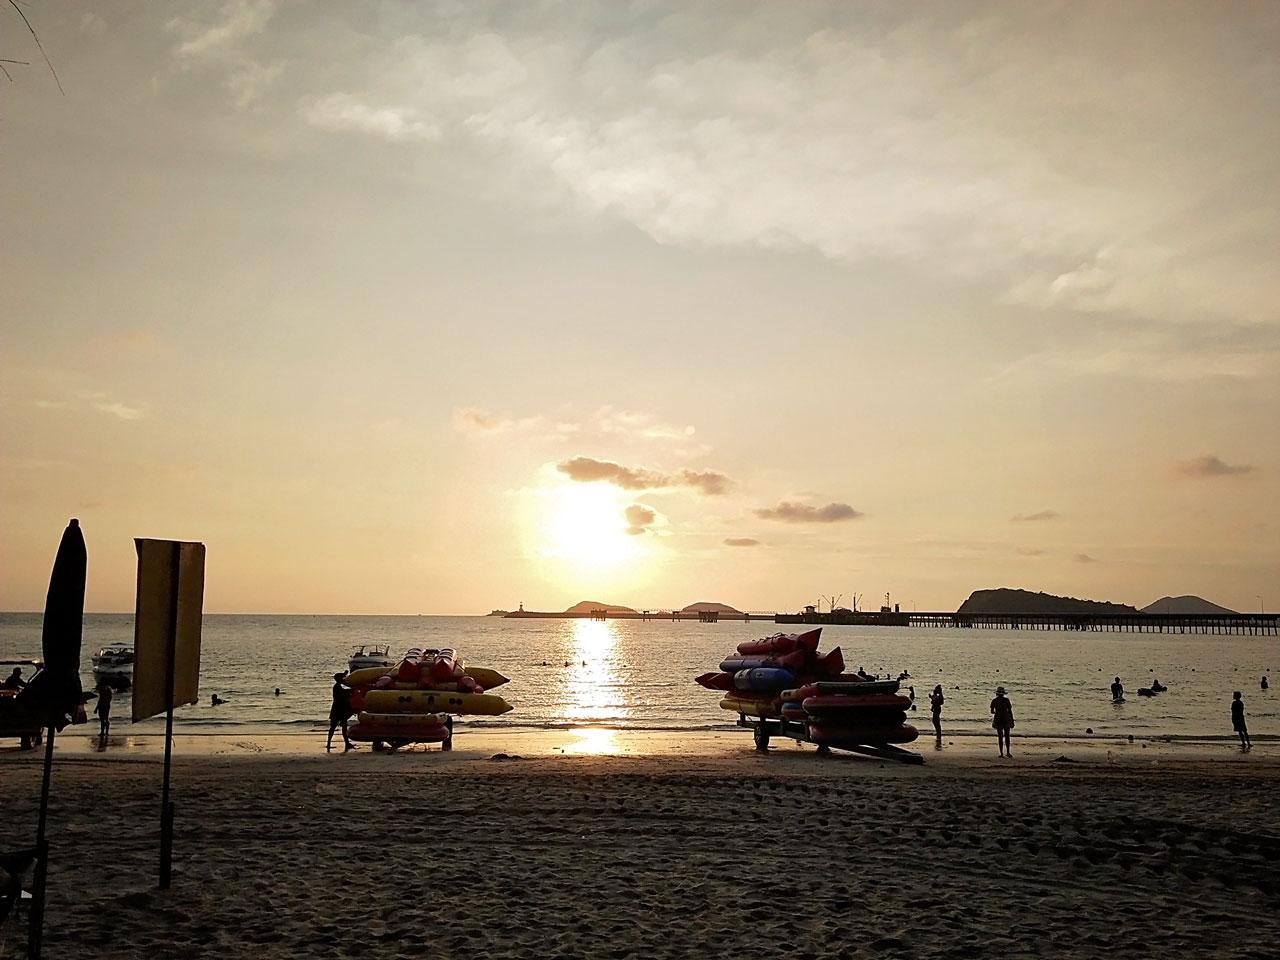 พระอาทิตย์ตก ณ หาดนางรำ สัตหีบ ชลบุรี